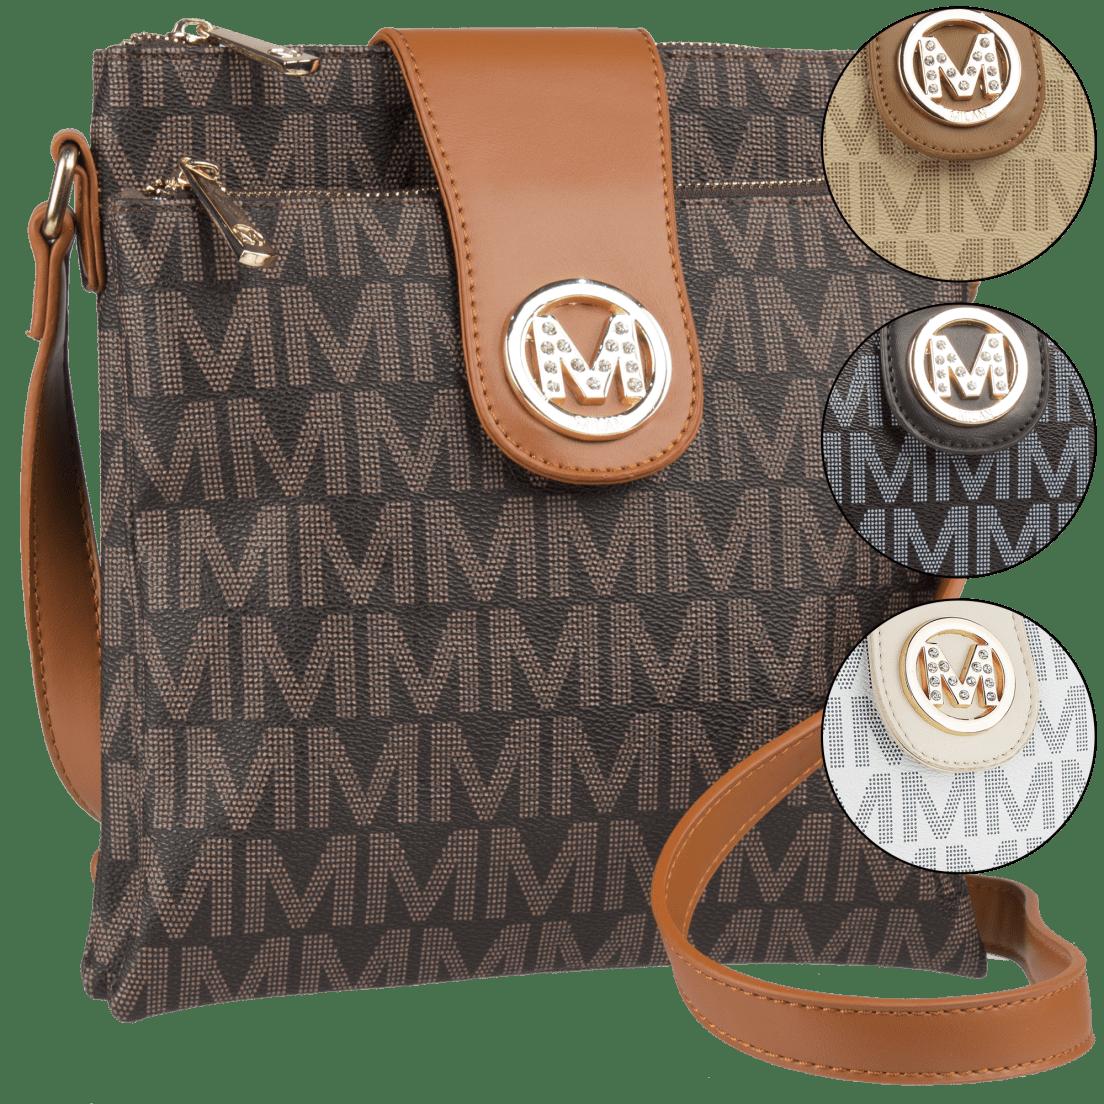 Milan Imports Crossbody Bag 9274b11c55daf